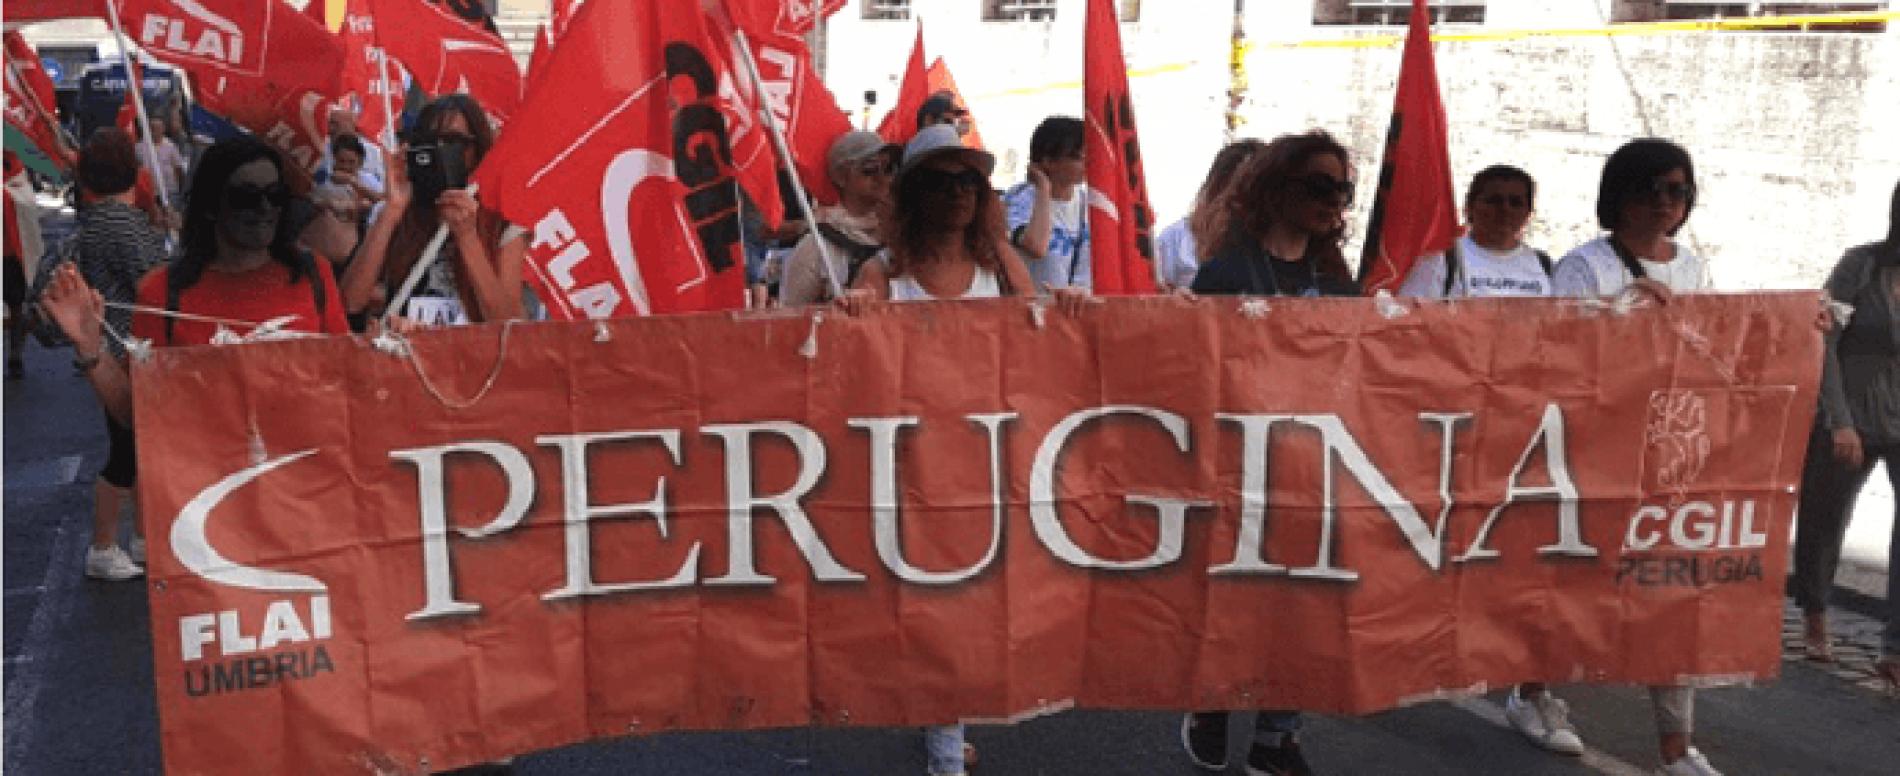 Nestlé risponde sulla crisi degli stabilimenti italiani